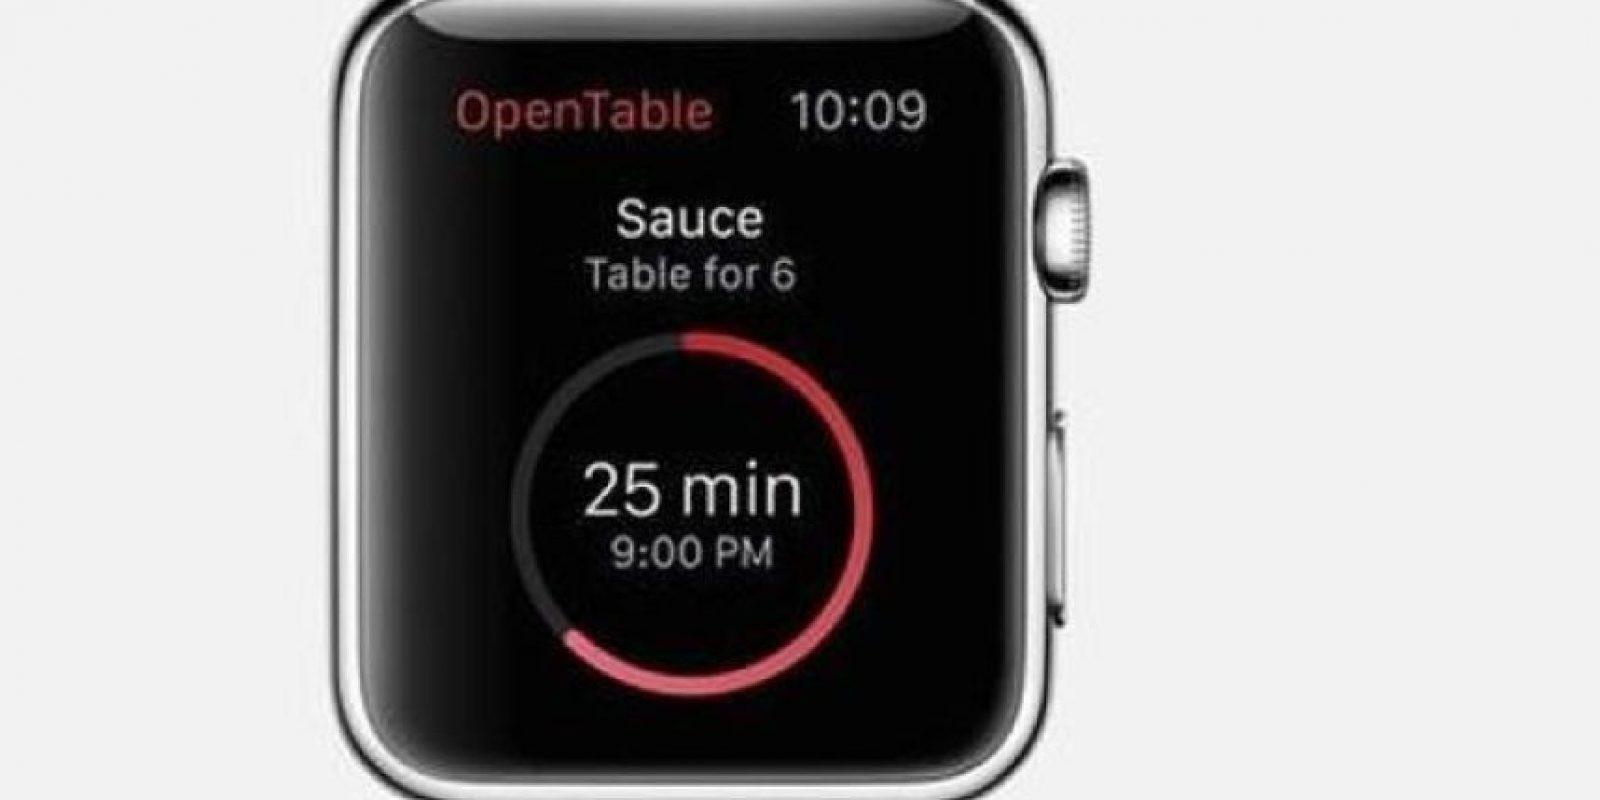 OpenTable: Consultar reservaciones en restaurantes y llegar hasta ahí mediante la guía de los mapas. Foto:Apple